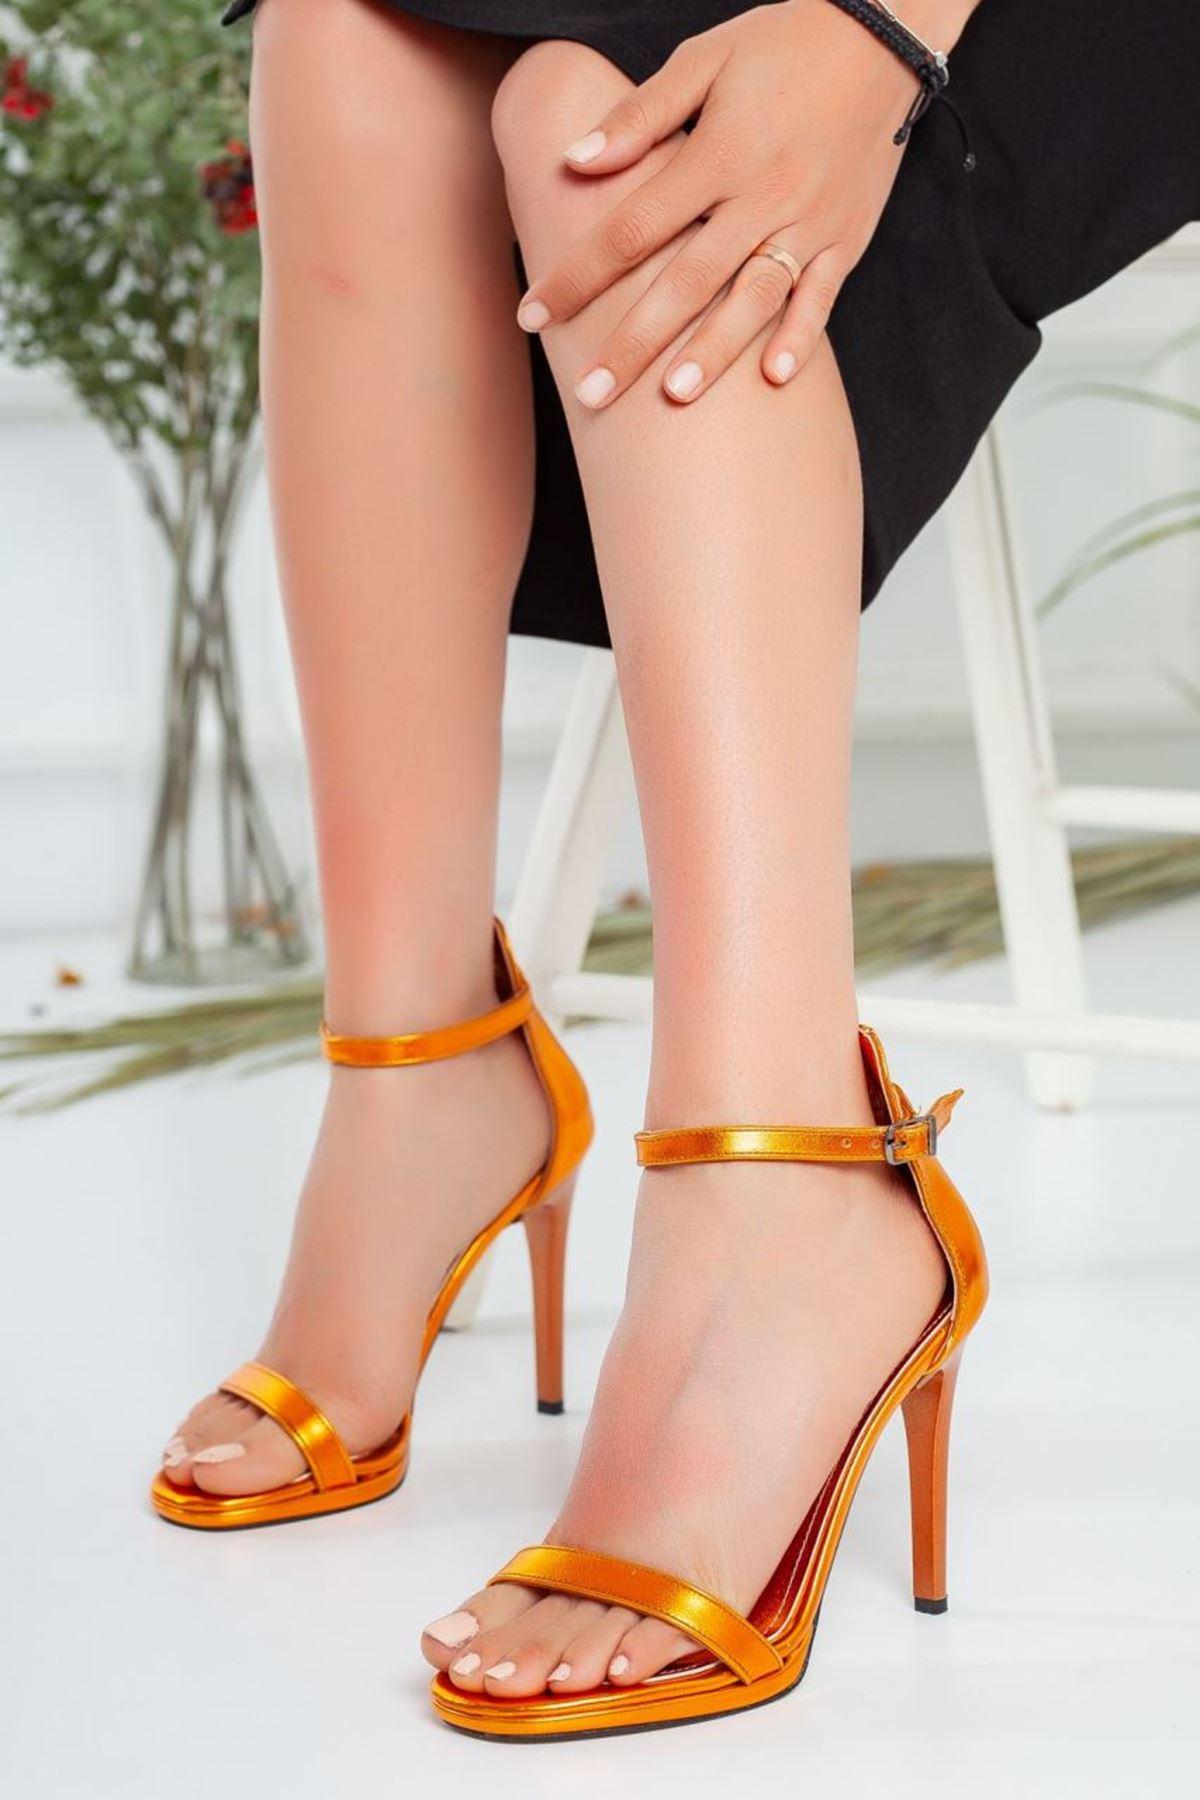 Kadın Natis Yüksek Topuklu Ayakkabı Metalik Turuncu